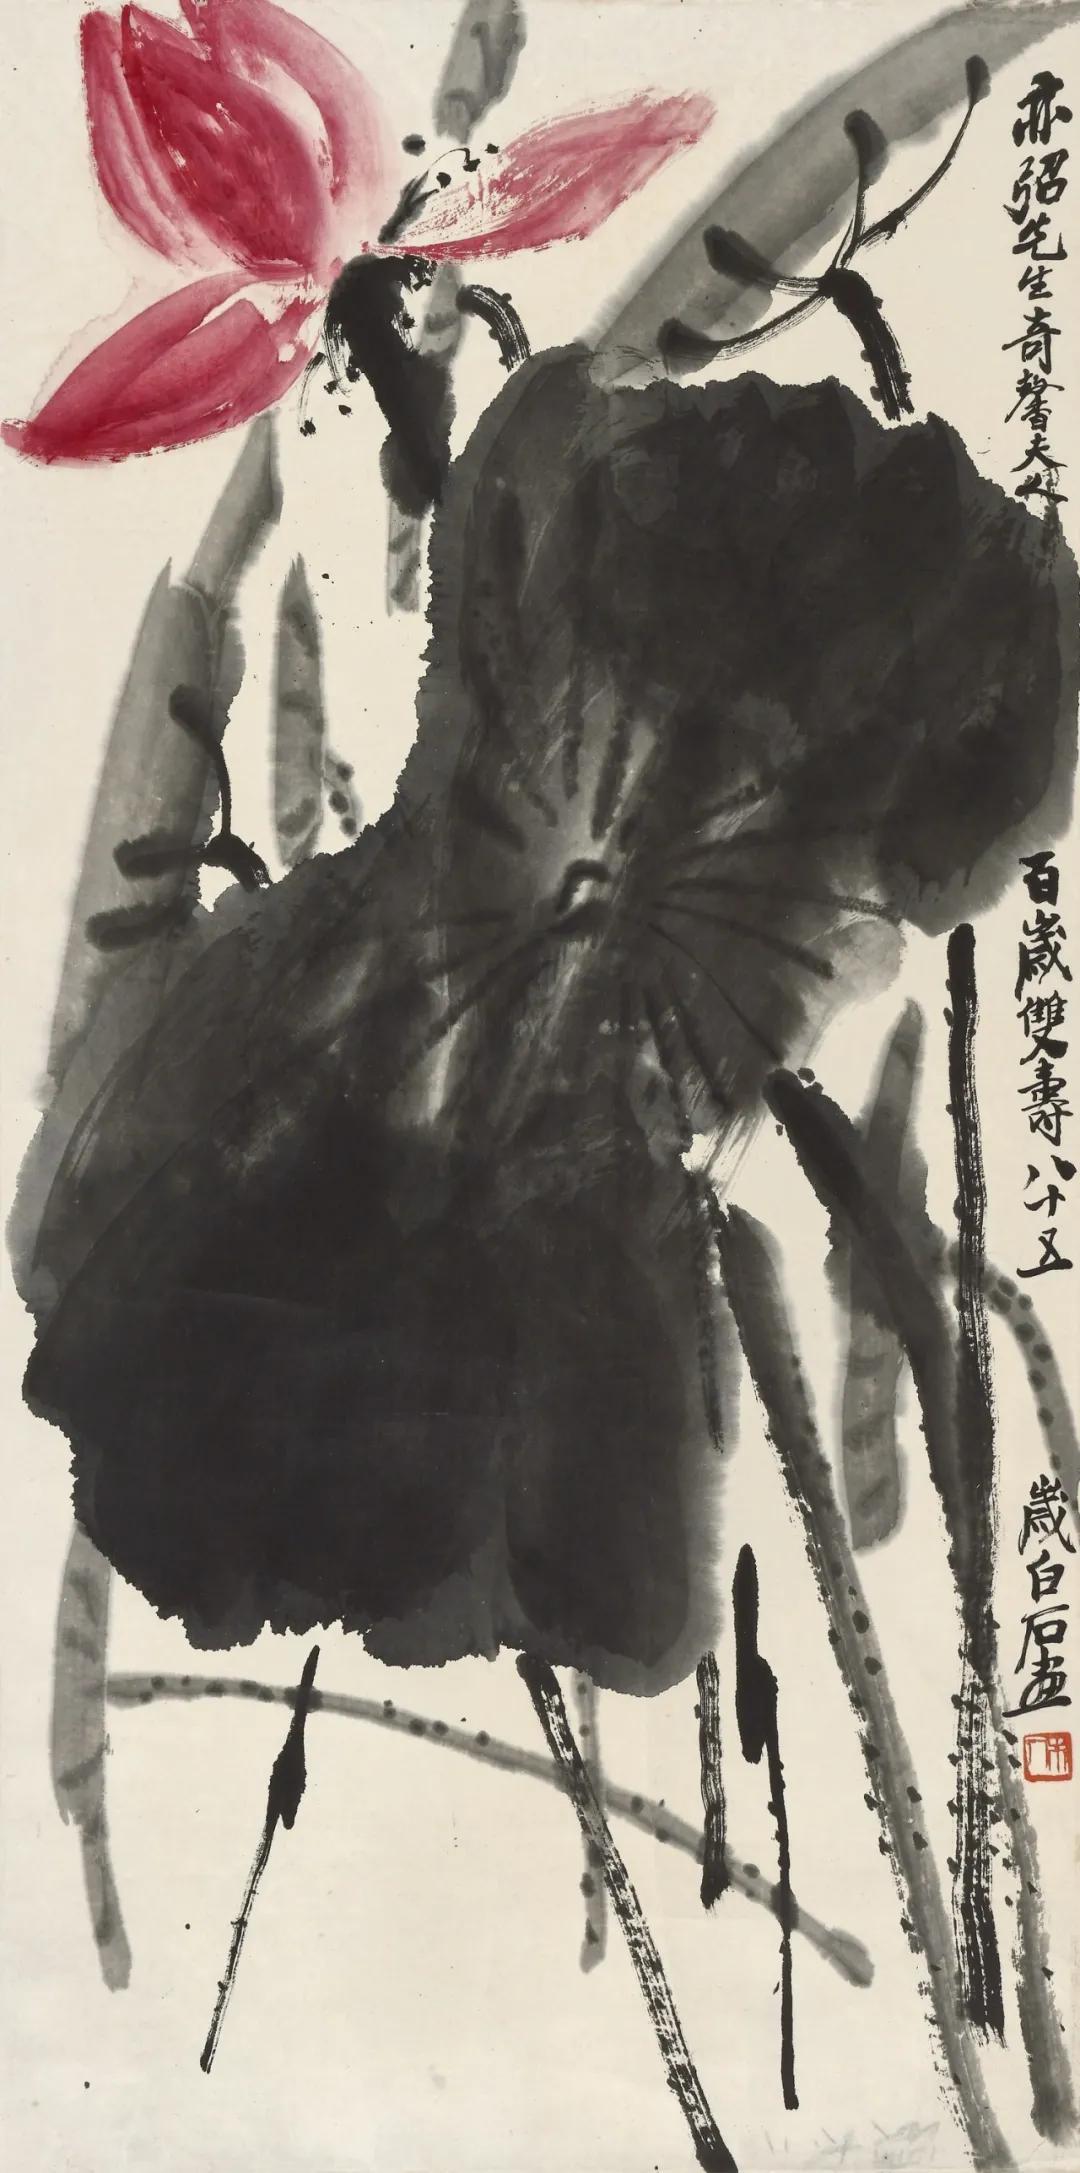 古萃今承 20世纪的京津画坛